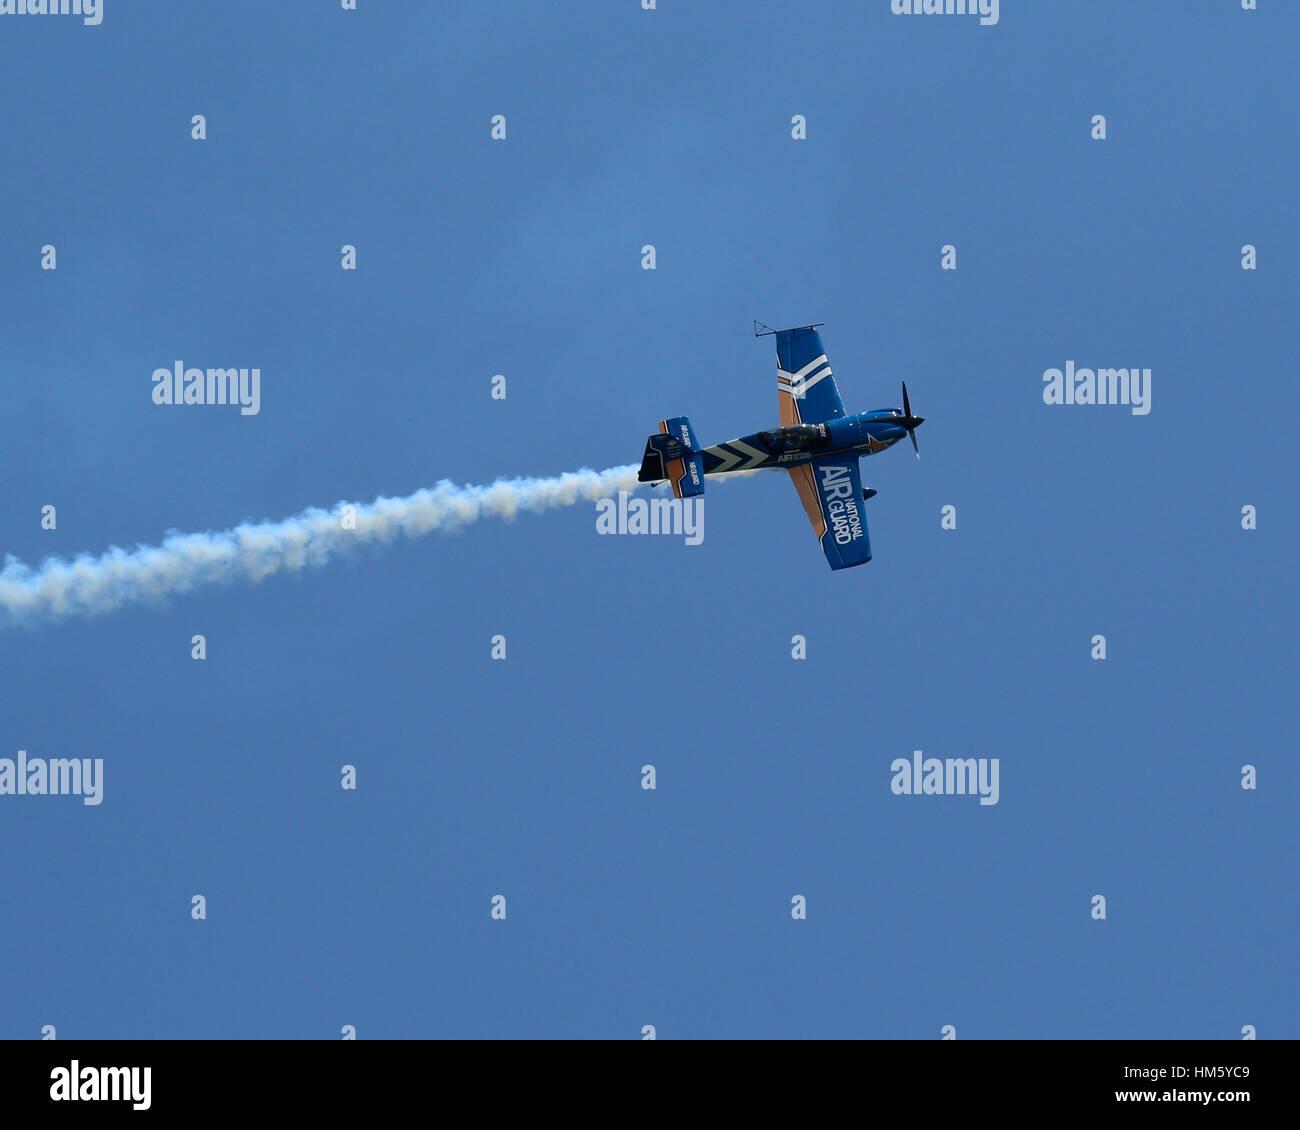 Air National Guard MXS making smoke - Stock Image